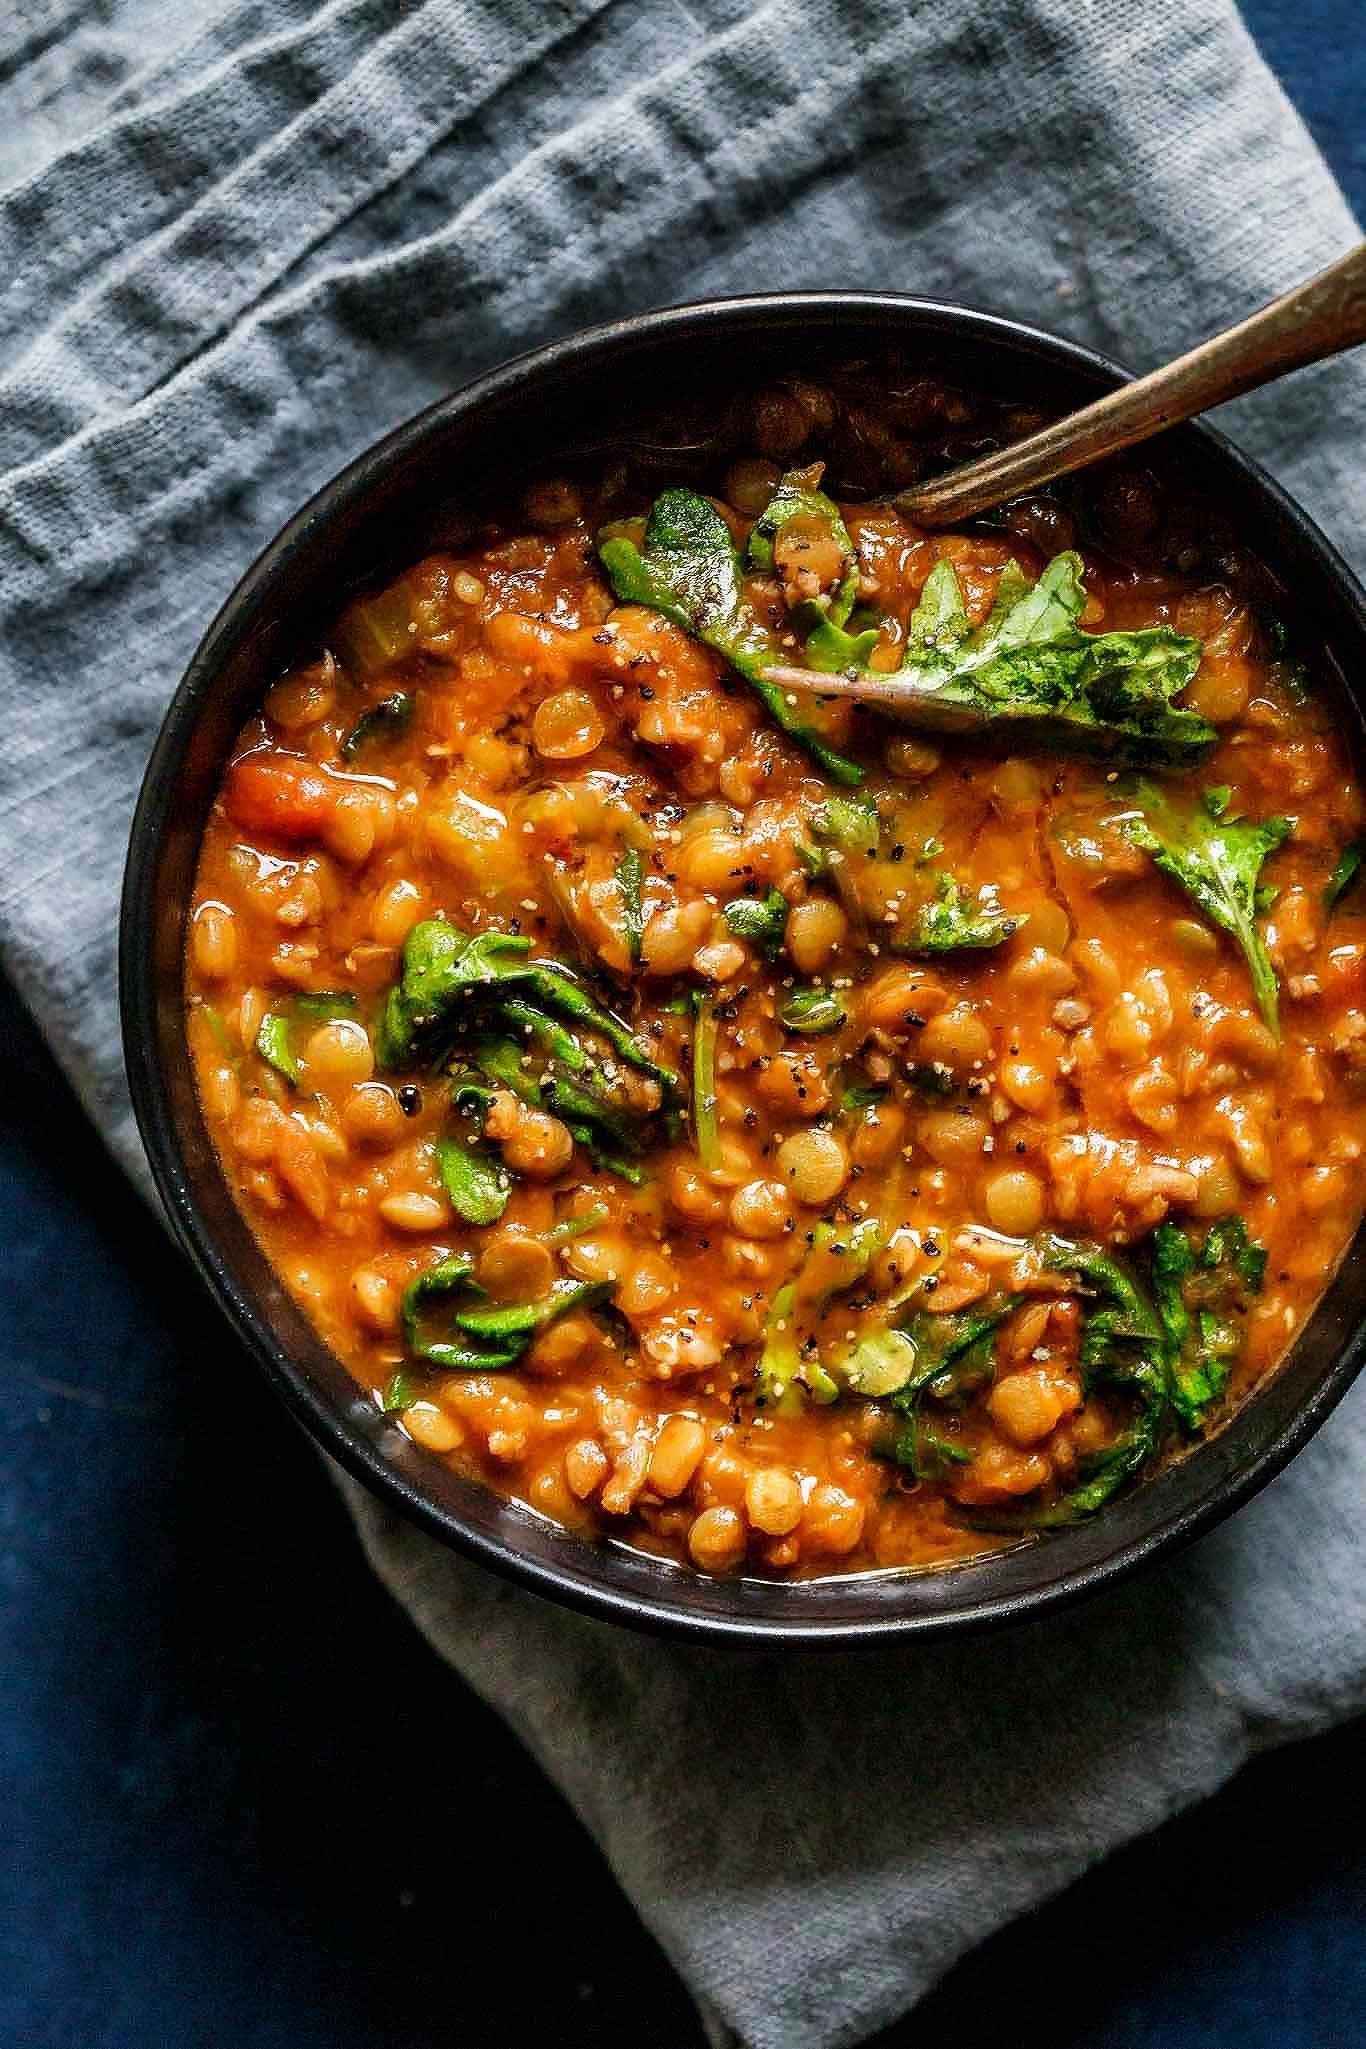 Instant Pot Recipes Vegetarian  Instant Pot Lentil Soup with Sausage & Kale